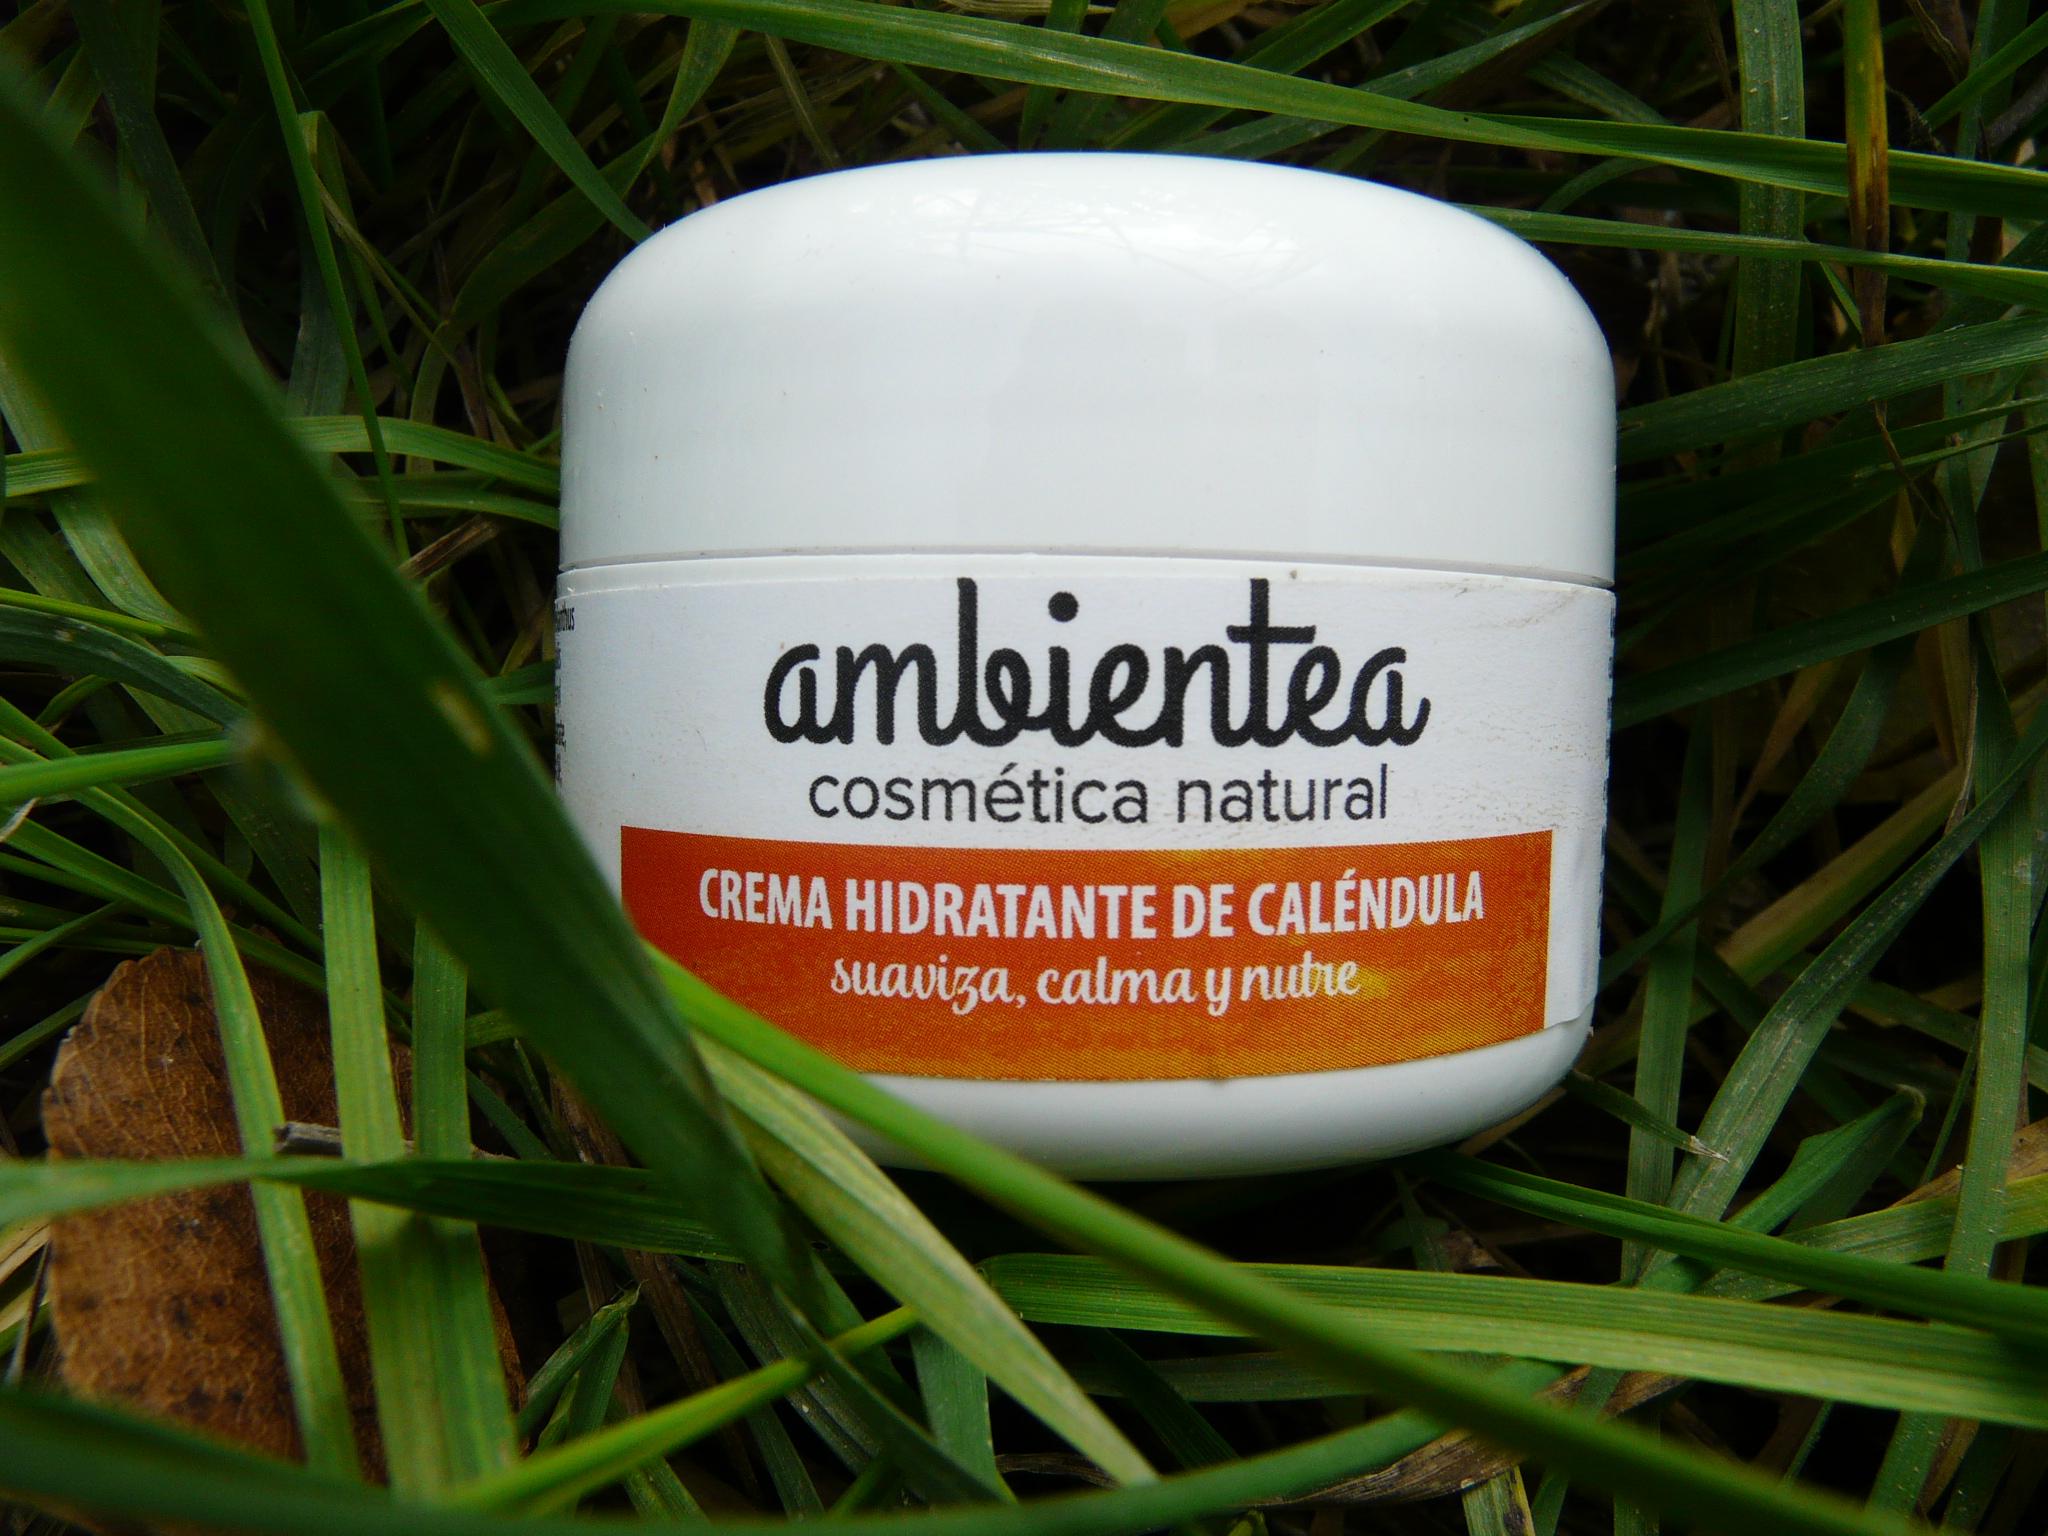 Crema hidratante de Caléndula